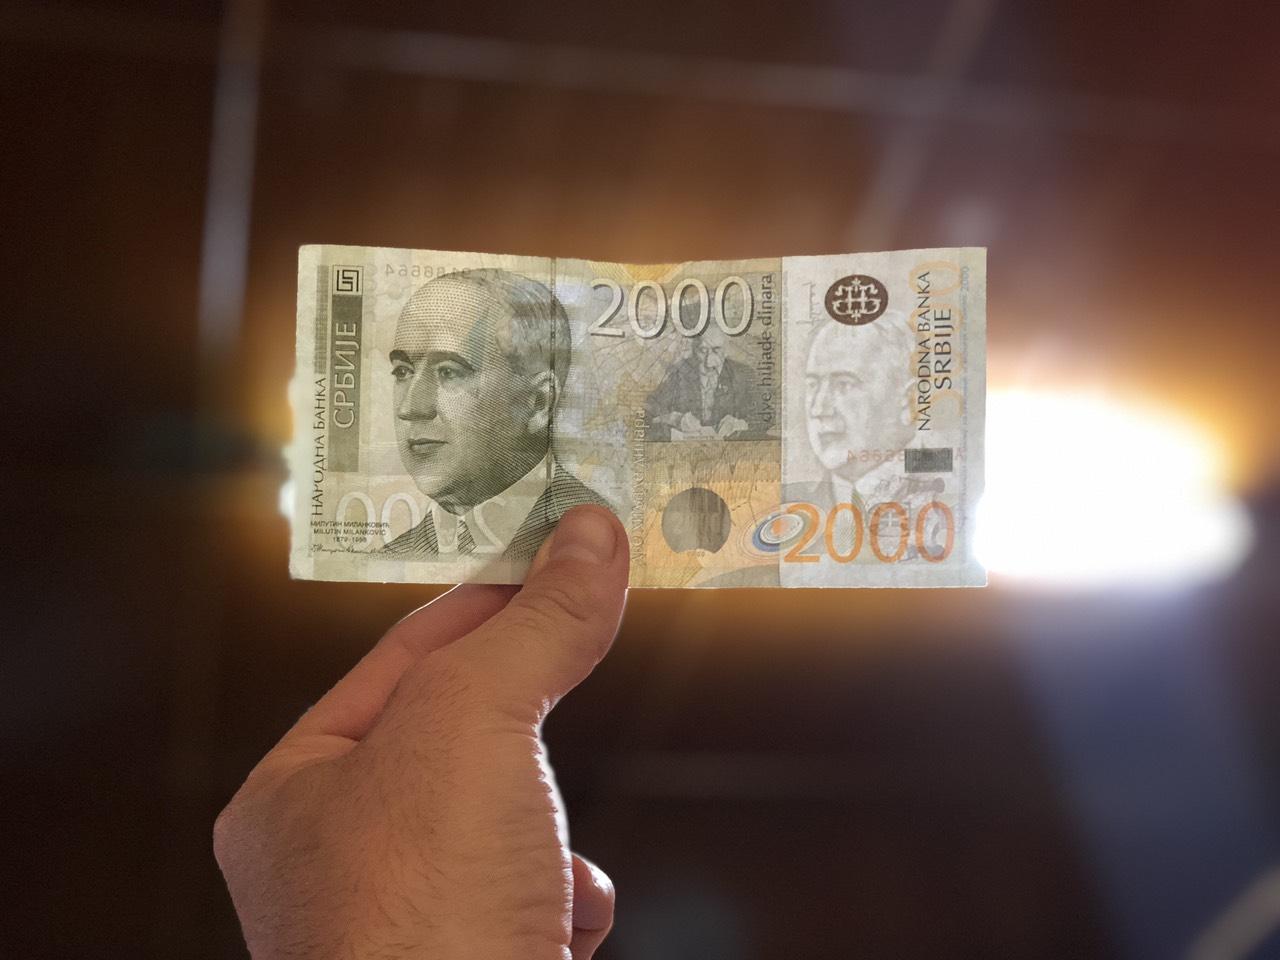 Sindikati traže povećanje minimalca i do 9.000 dinara! Danas u 13h kreću pregovori!